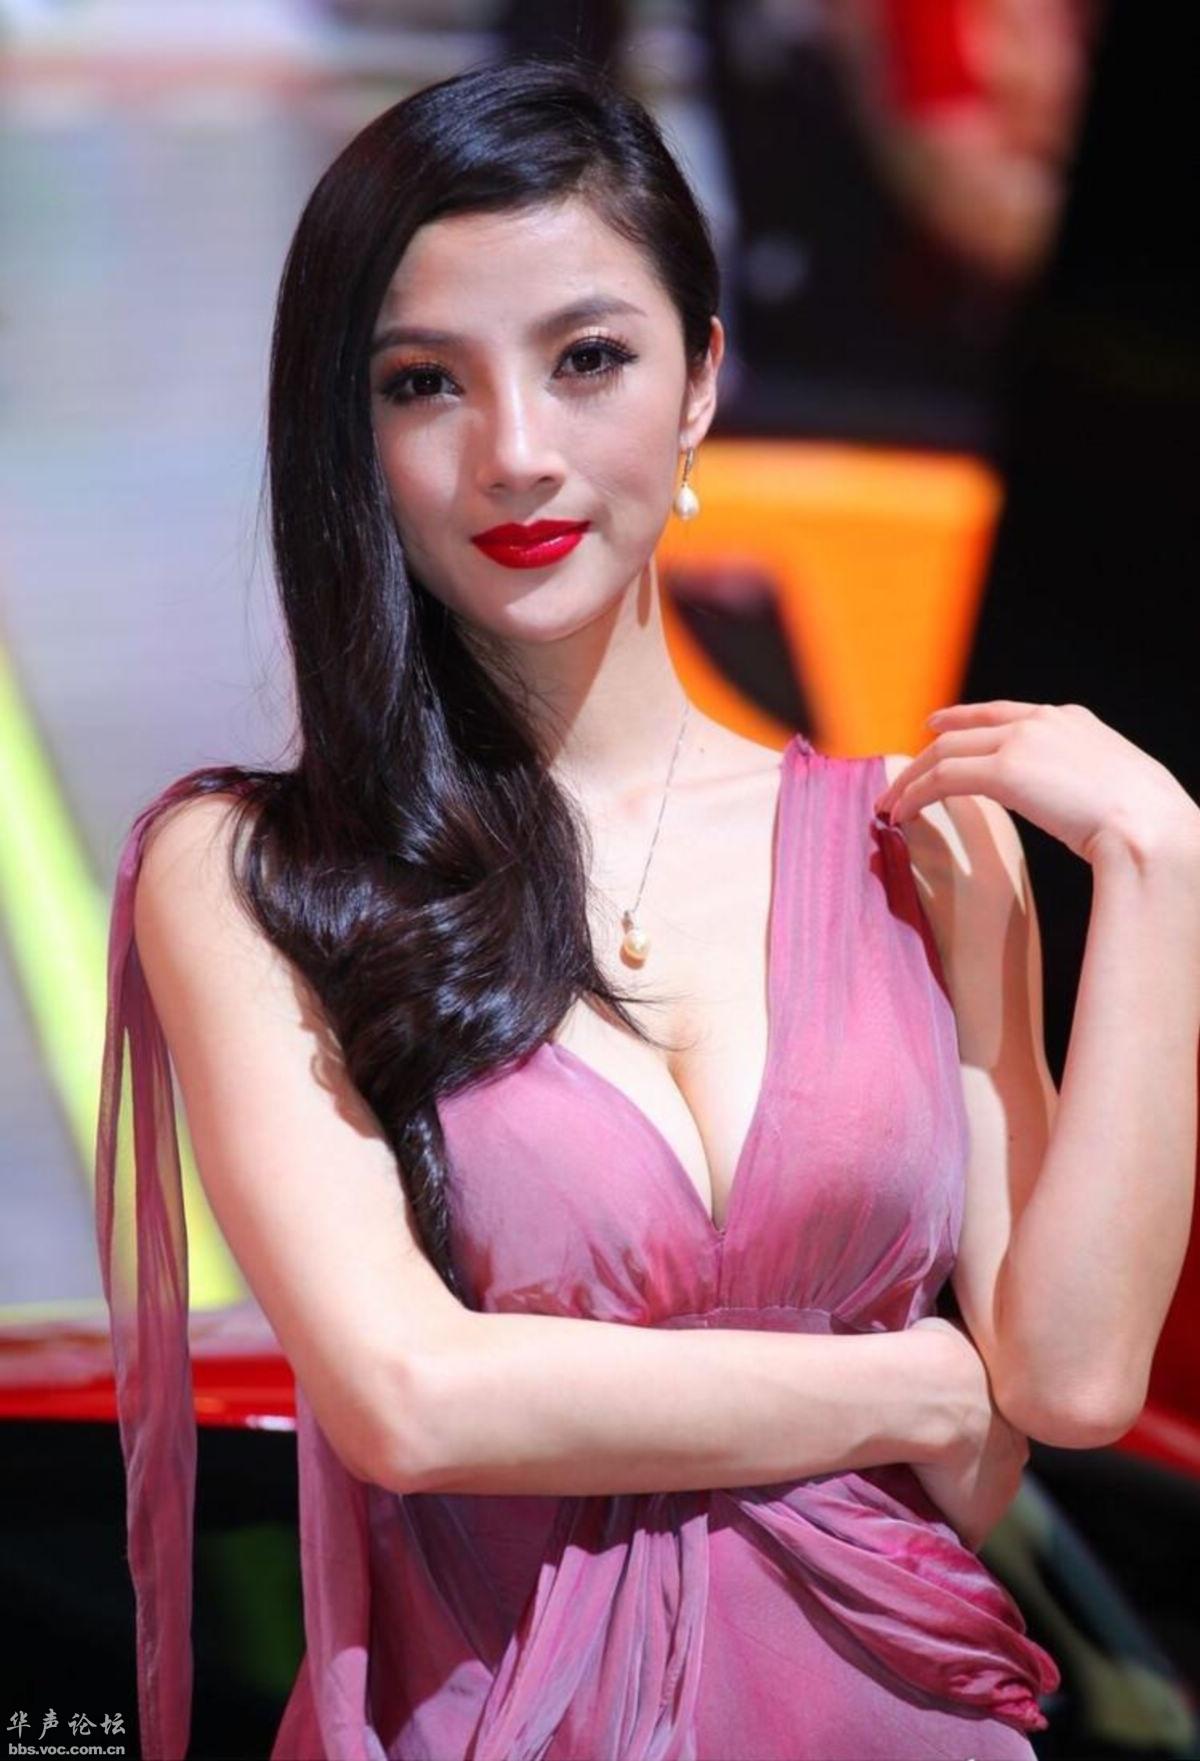 日本车模被打_北京国际车展法拉利车模 - 美女贴图 - 华声论坛